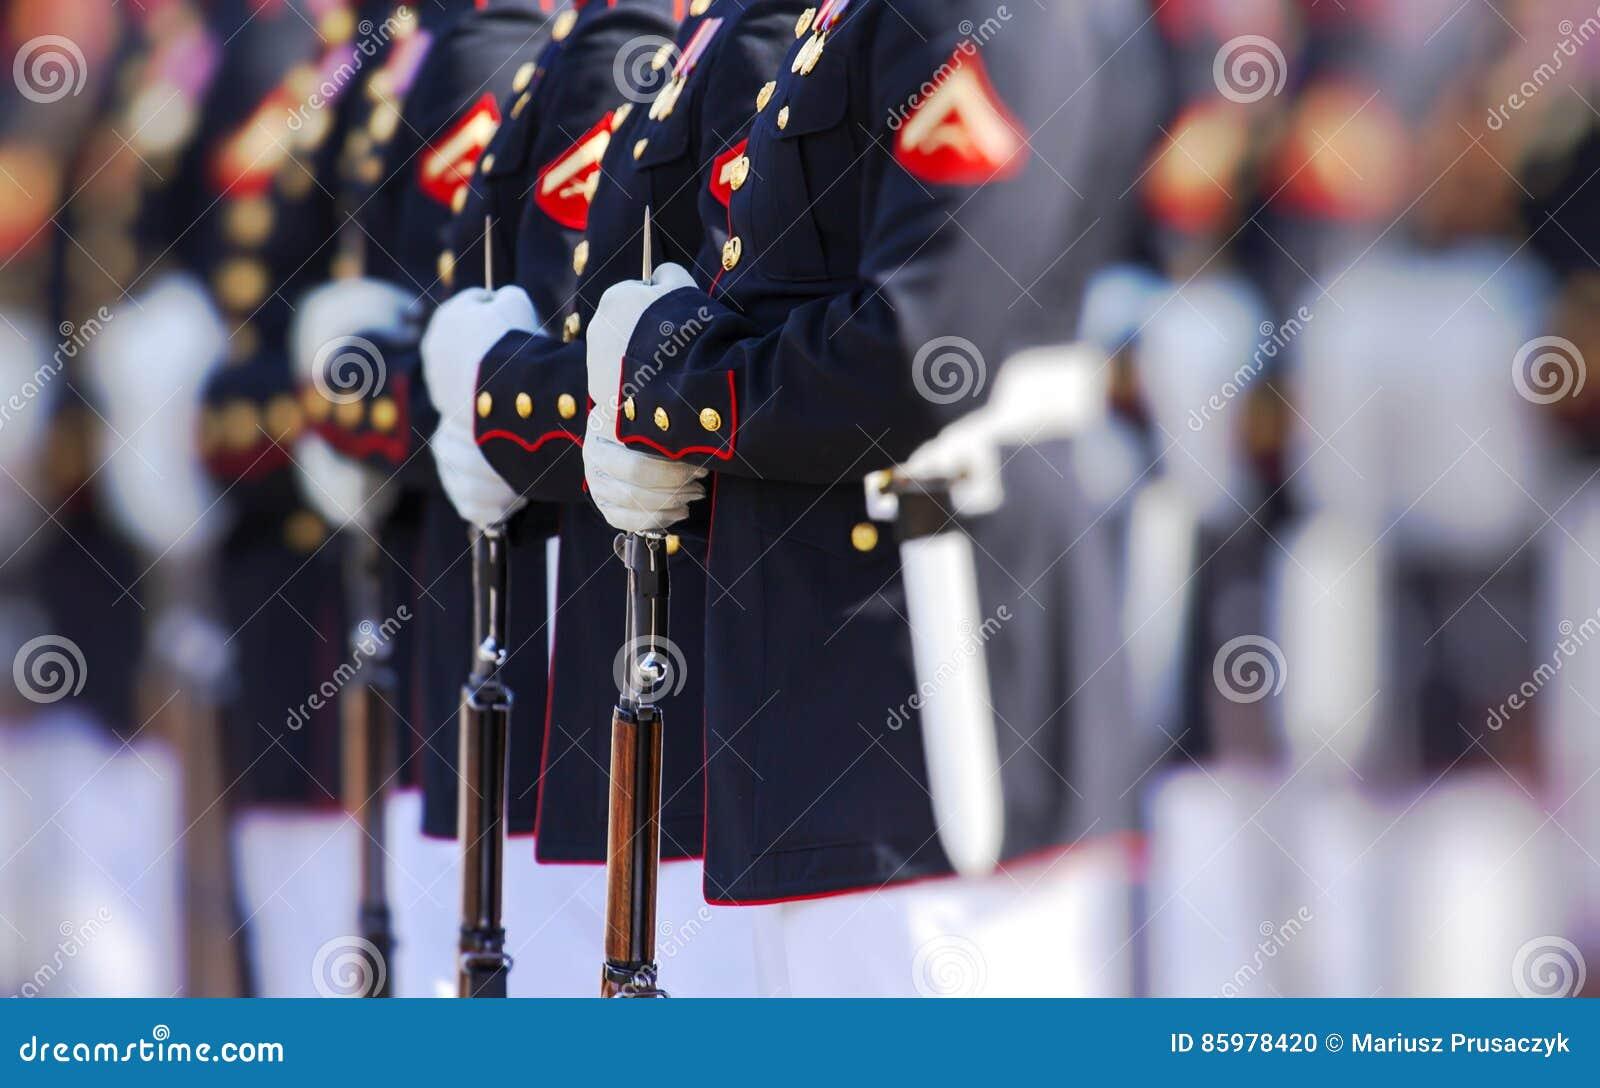 Stany Zjednoczone korpusy piechoty morskiej